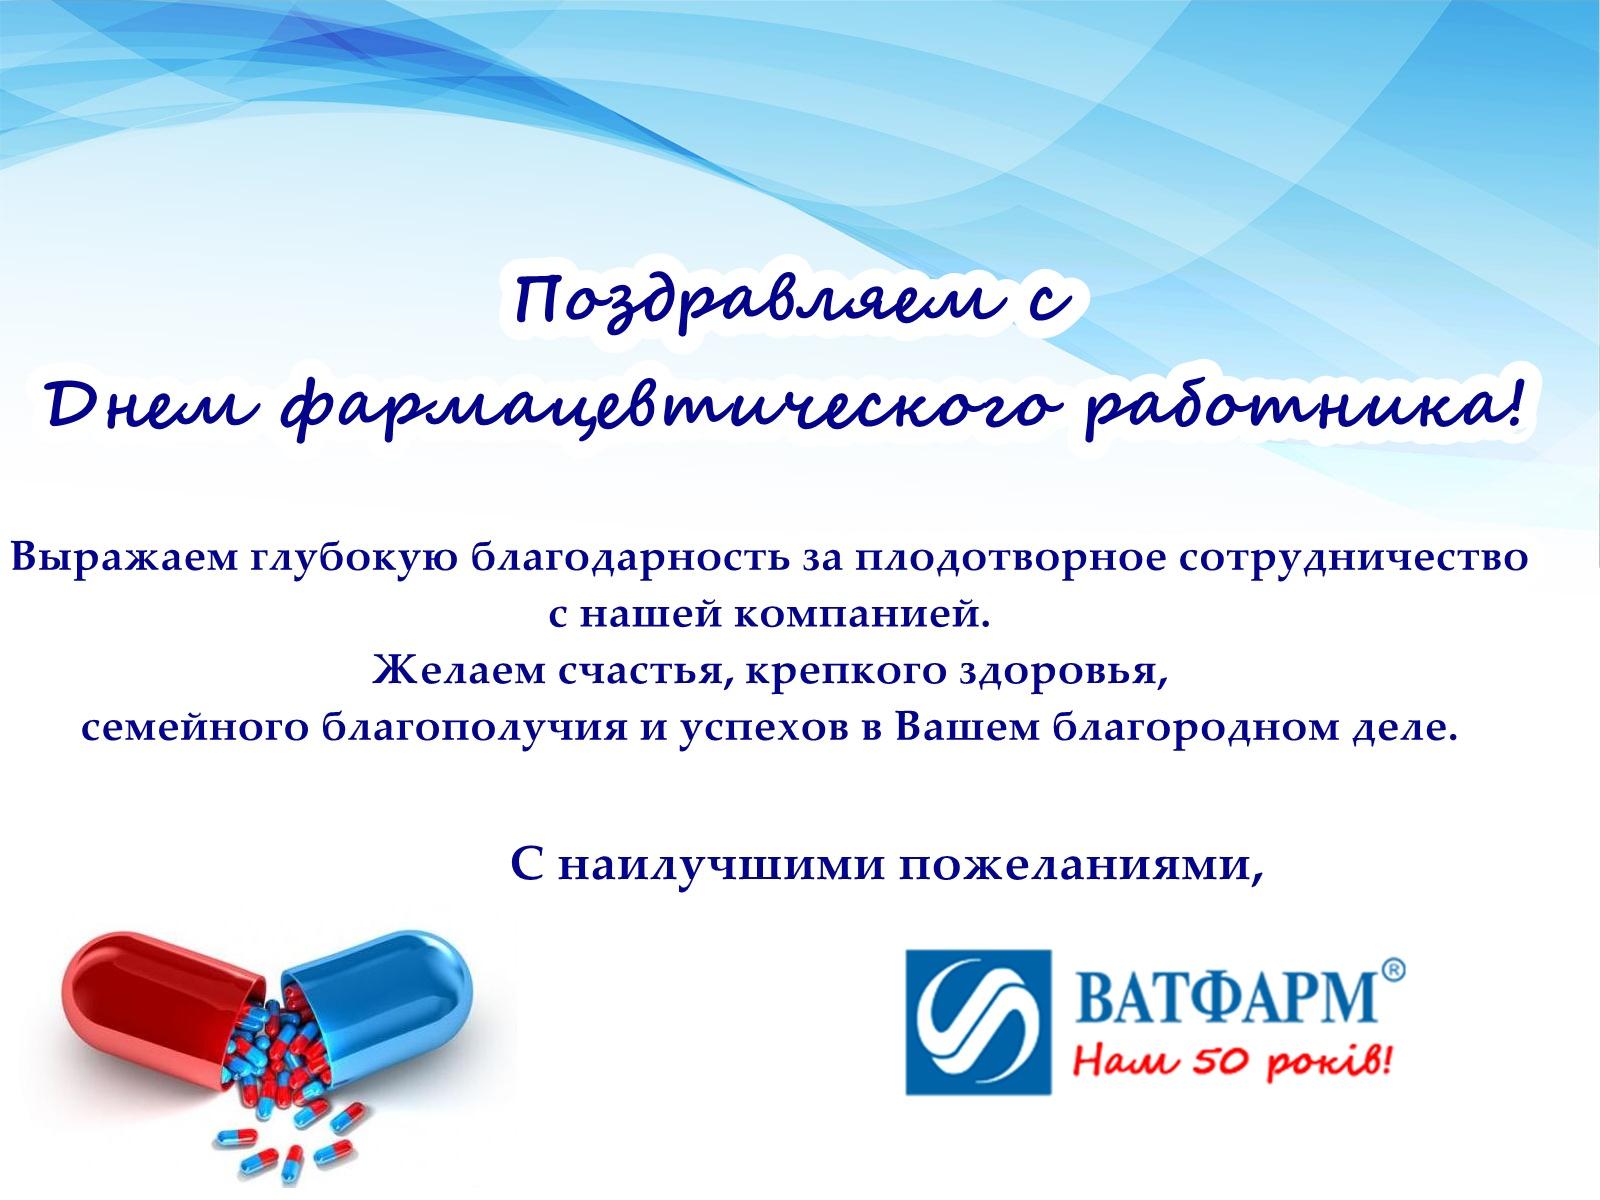 Поздравления фармацевту с днем рождения - Поздравок 79